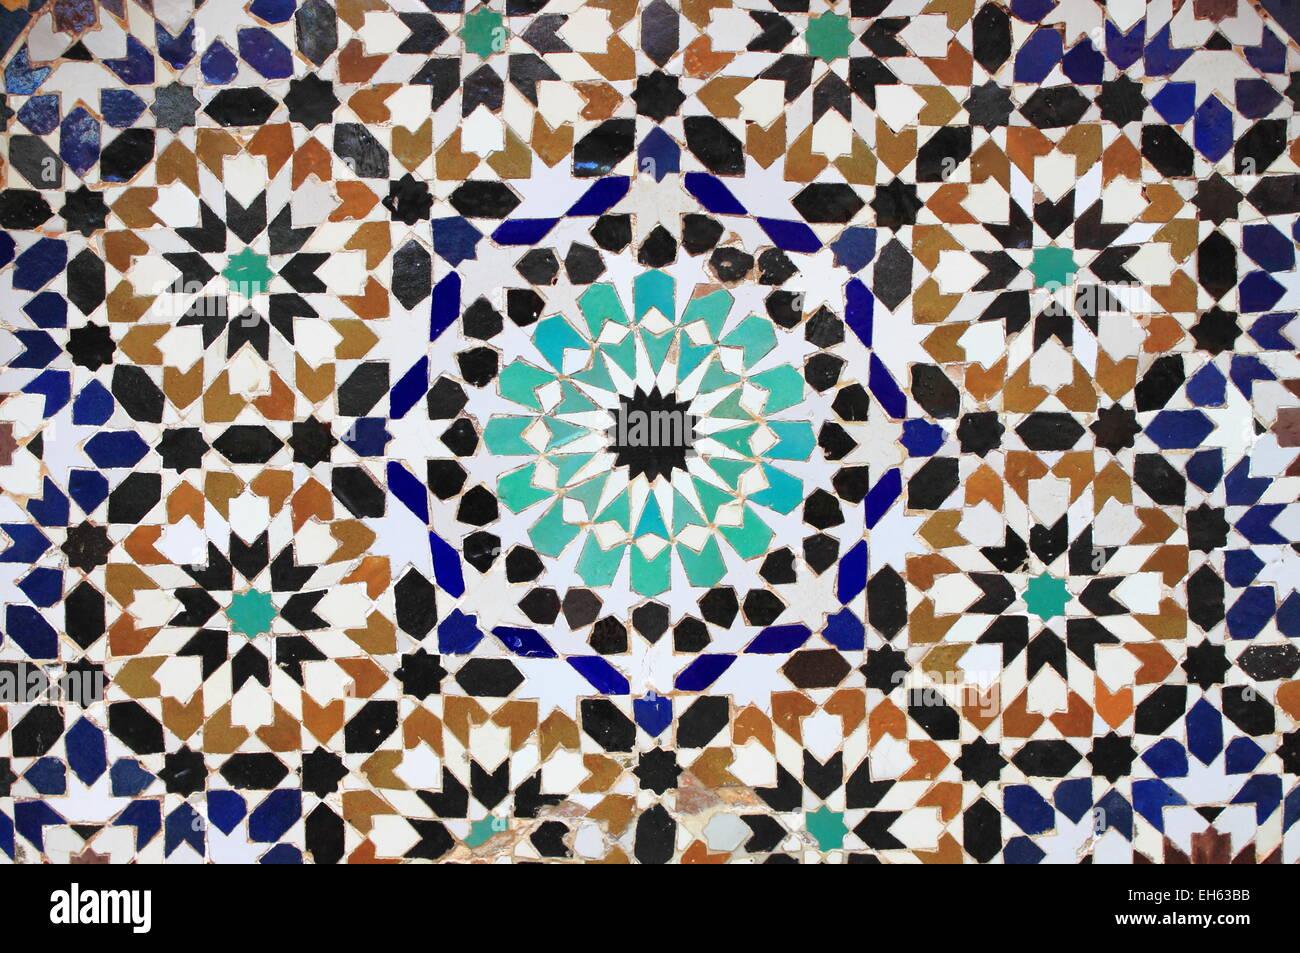 typische mosaik muster von einem marokkanischen brunnen stockfoto bild 79425007 alamy. Black Bedroom Furniture Sets. Home Design Ideas